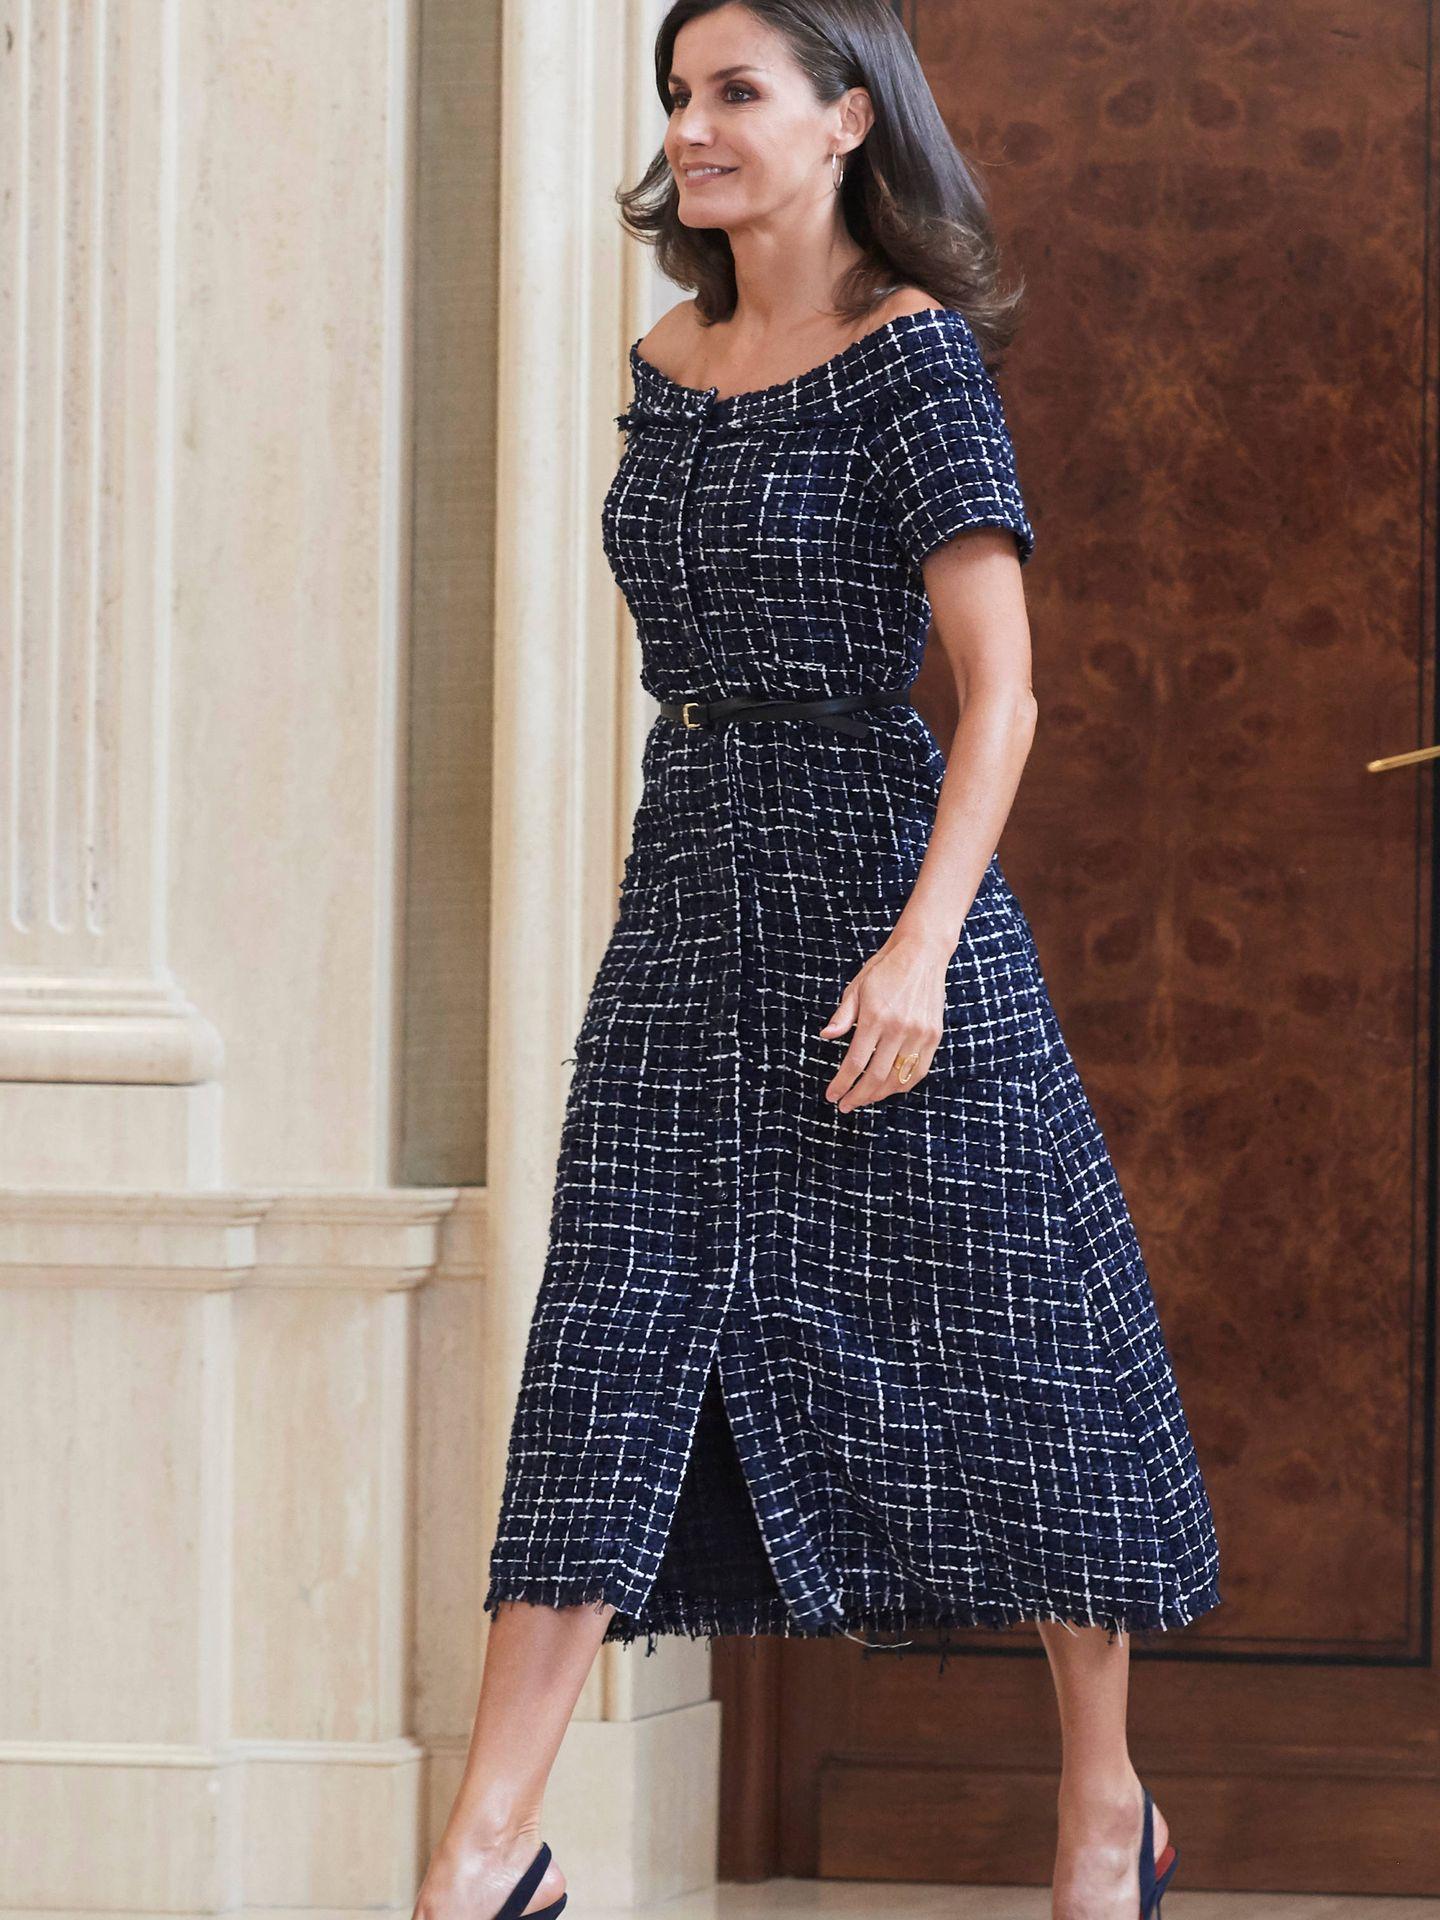 La Reina, con un vestido de Zara. (Limited Pictures)